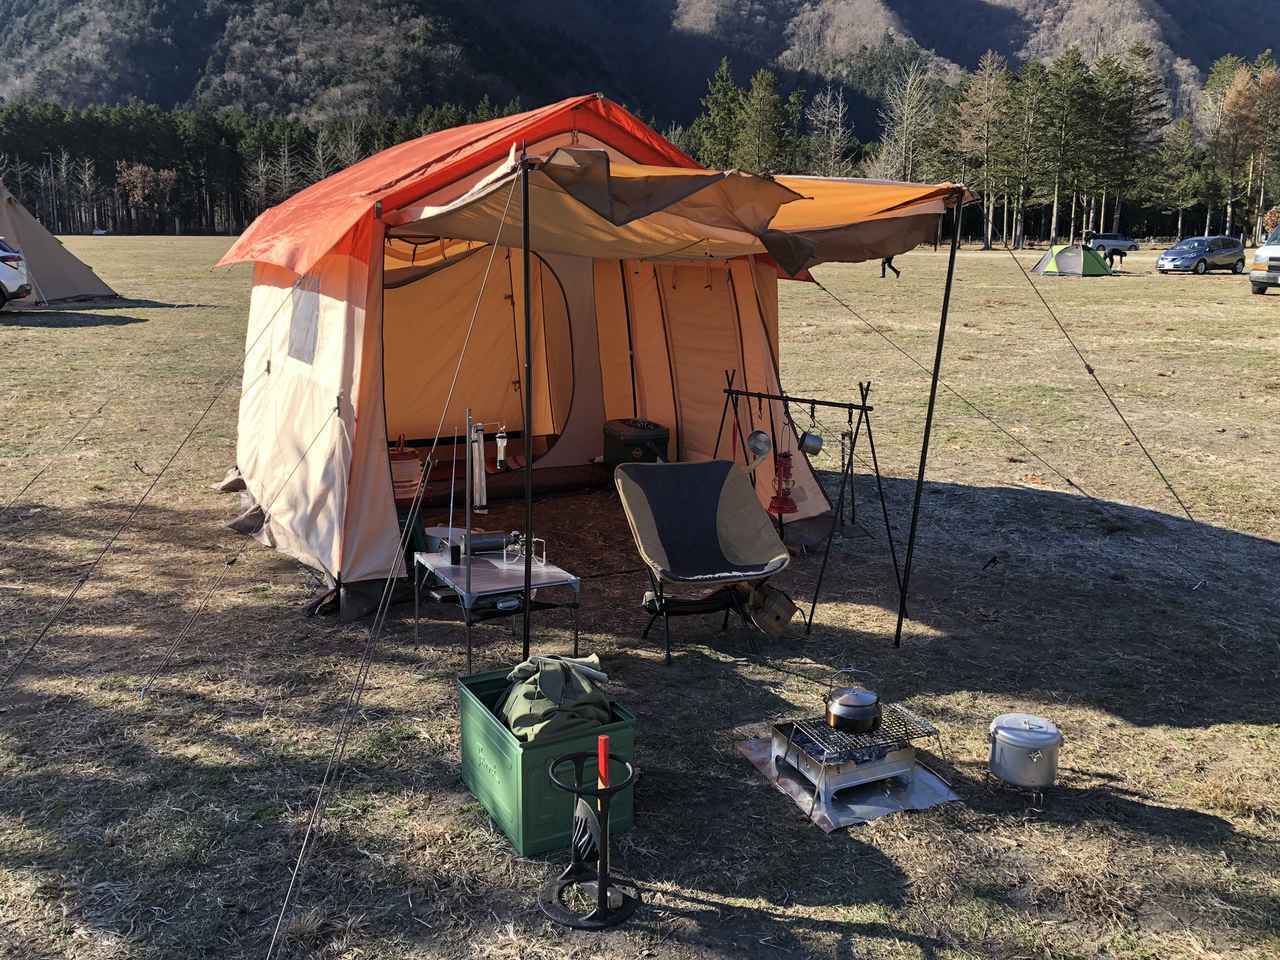 画像: テンマクデザインからソロキャンプ用ガレージテントが今冬リリース! みーこパパがさくぽんさんにテント開発裏をインタビュー - ハピキャン(HAPPY CAMPER)